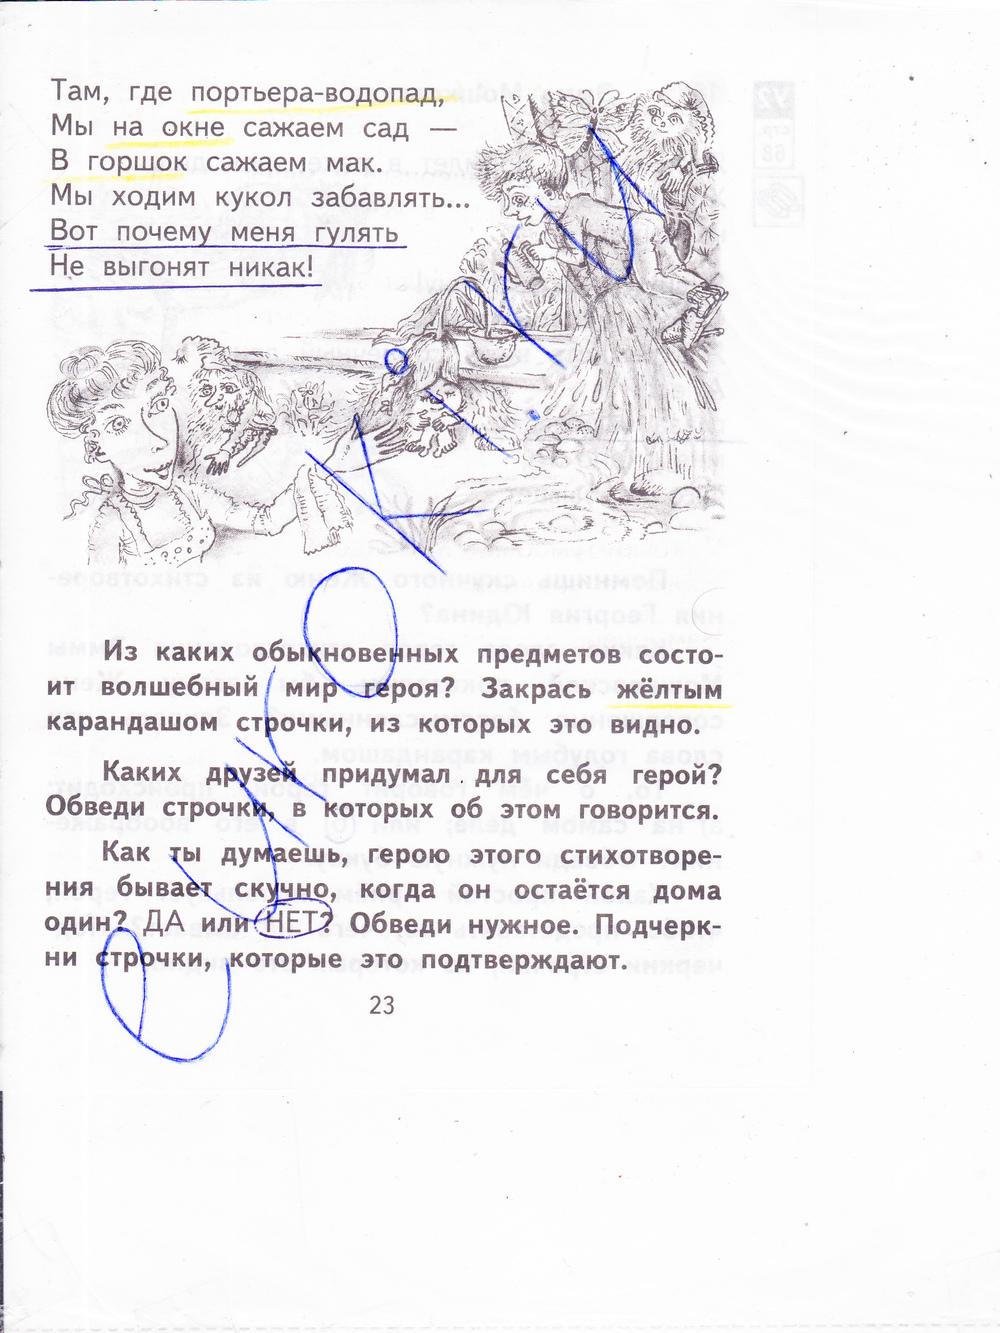 гдз по литературному чтению 2 класс малаховская 1